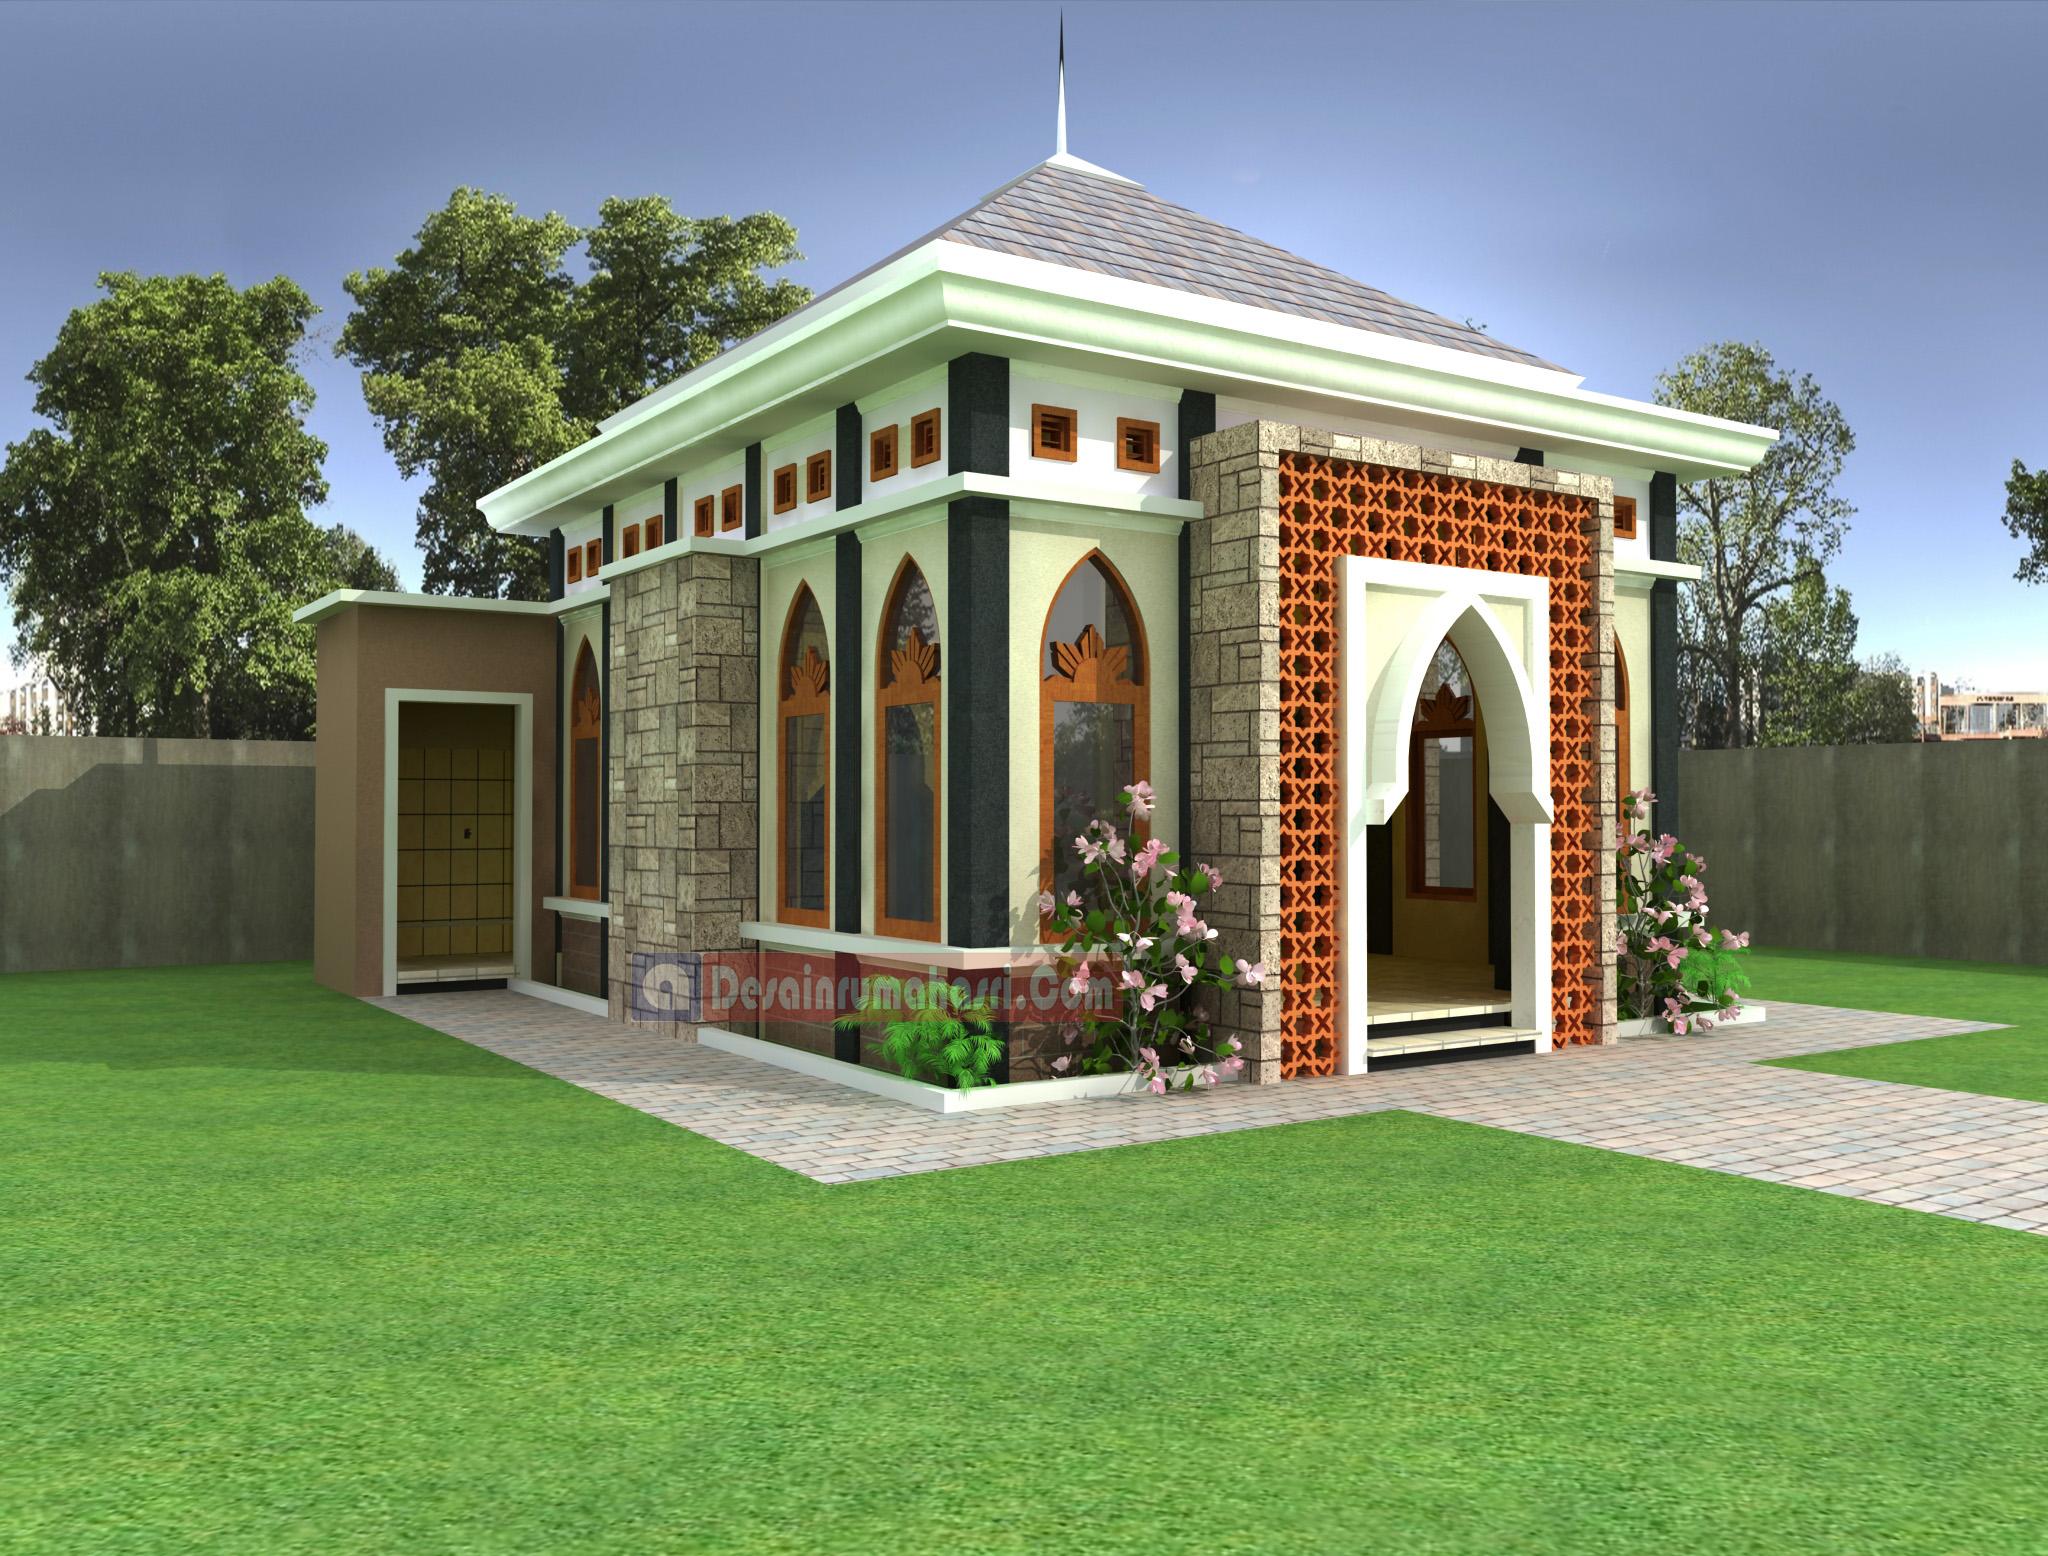 Desain Masjid Gratis Desain Rumah Asri Desain masjid kecil